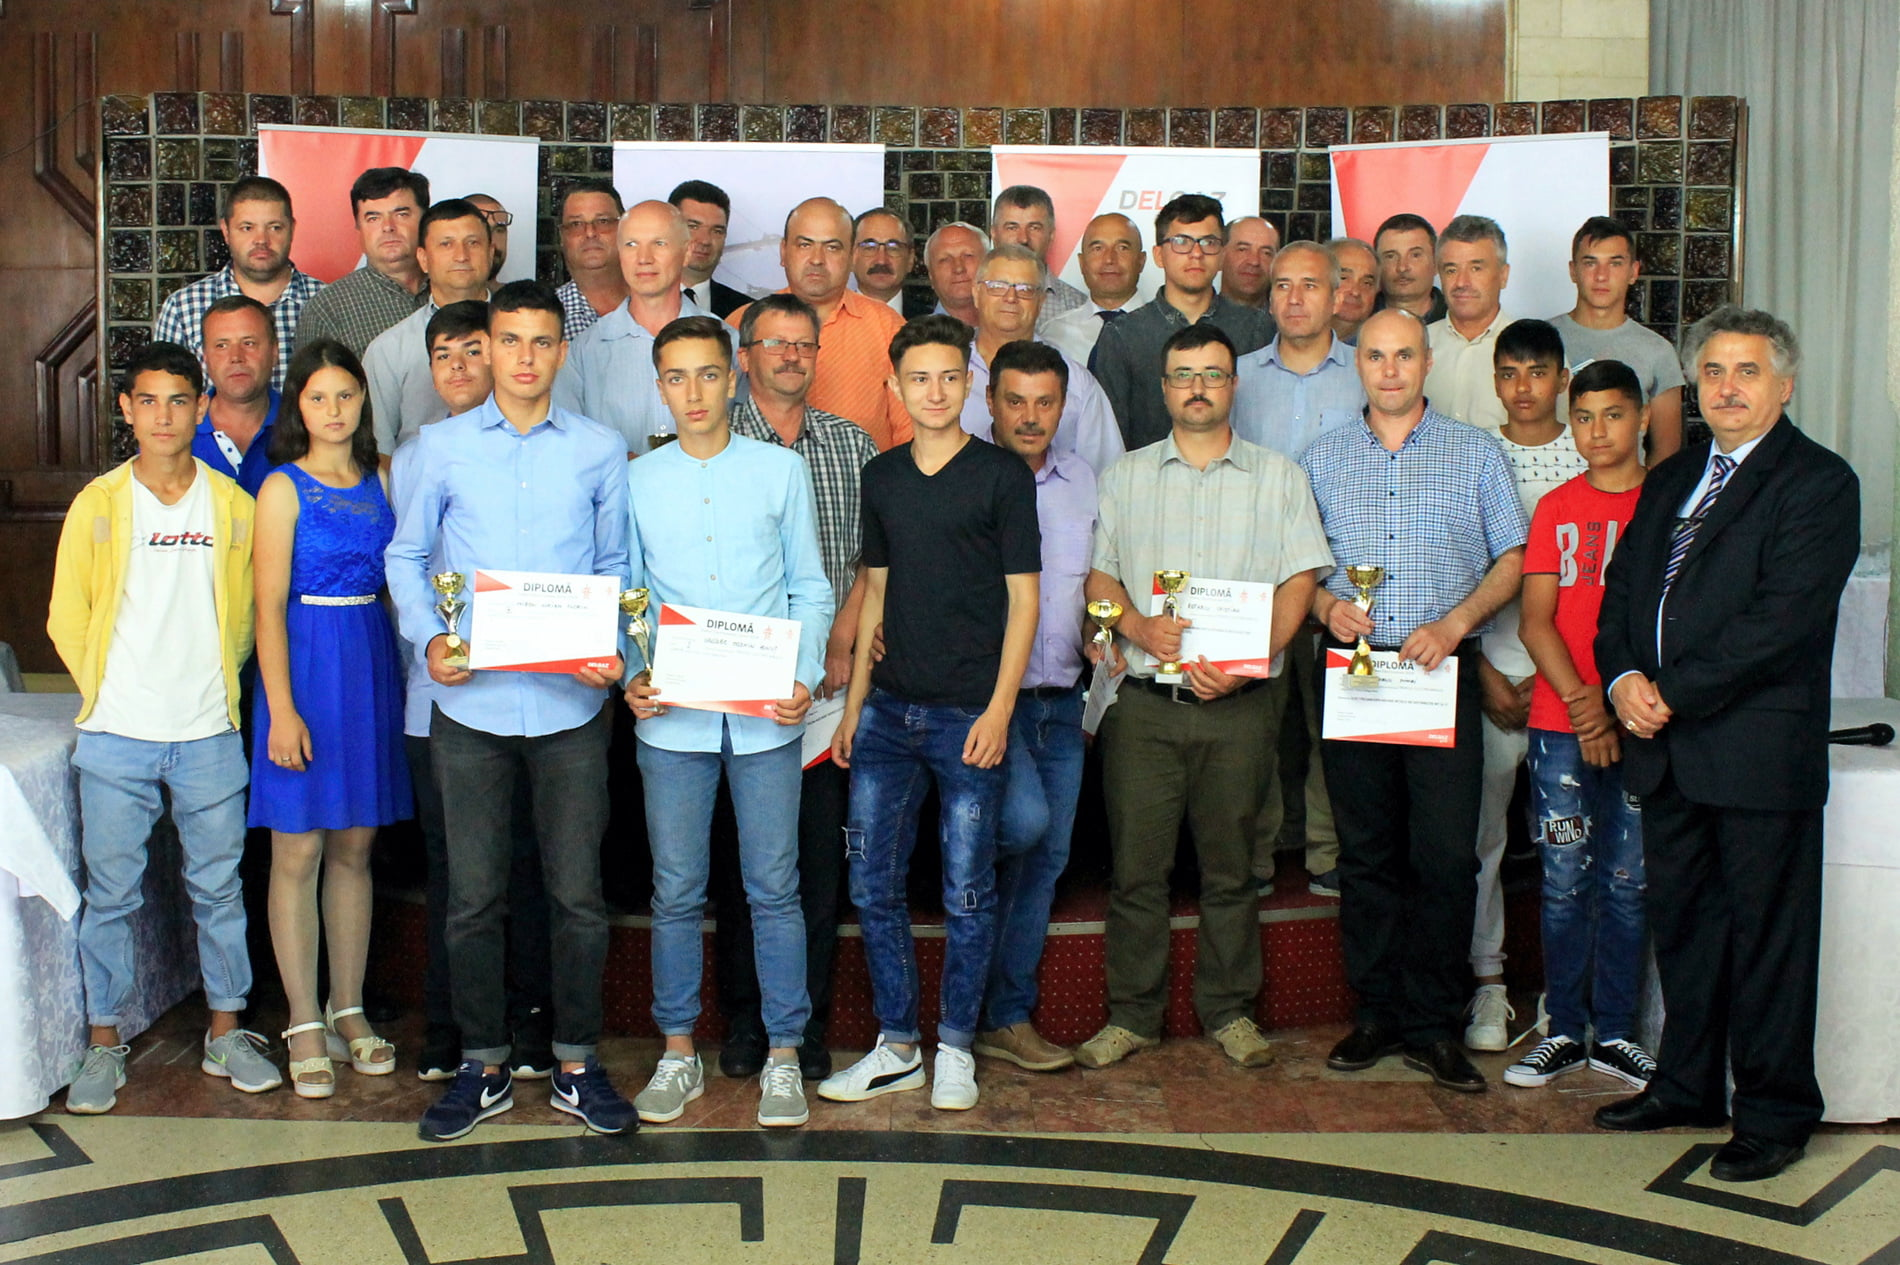 Electricieni din Neamț calificați la faza națională a Trofeului Electricianului